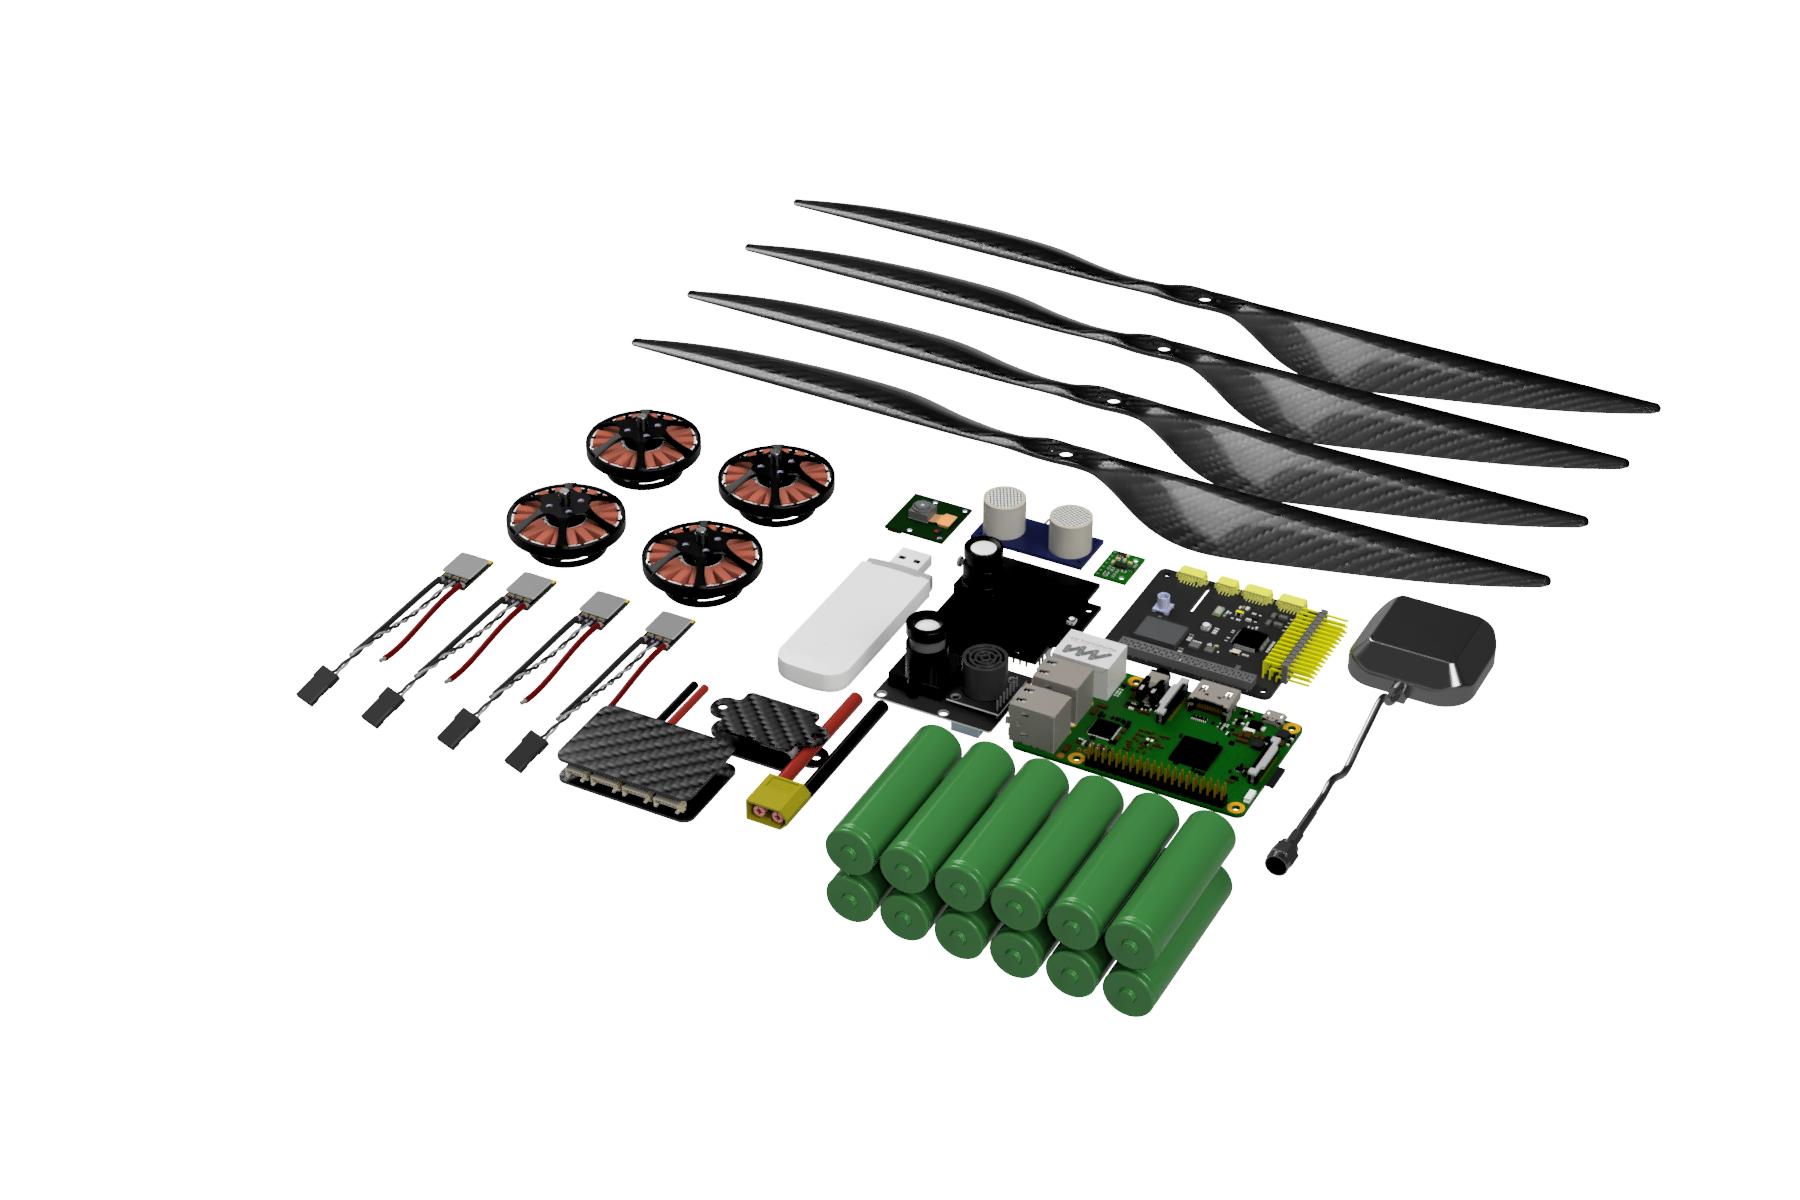 DIY автономный дрон с управлением через интернет. Часть 2 про ПО / Хабр